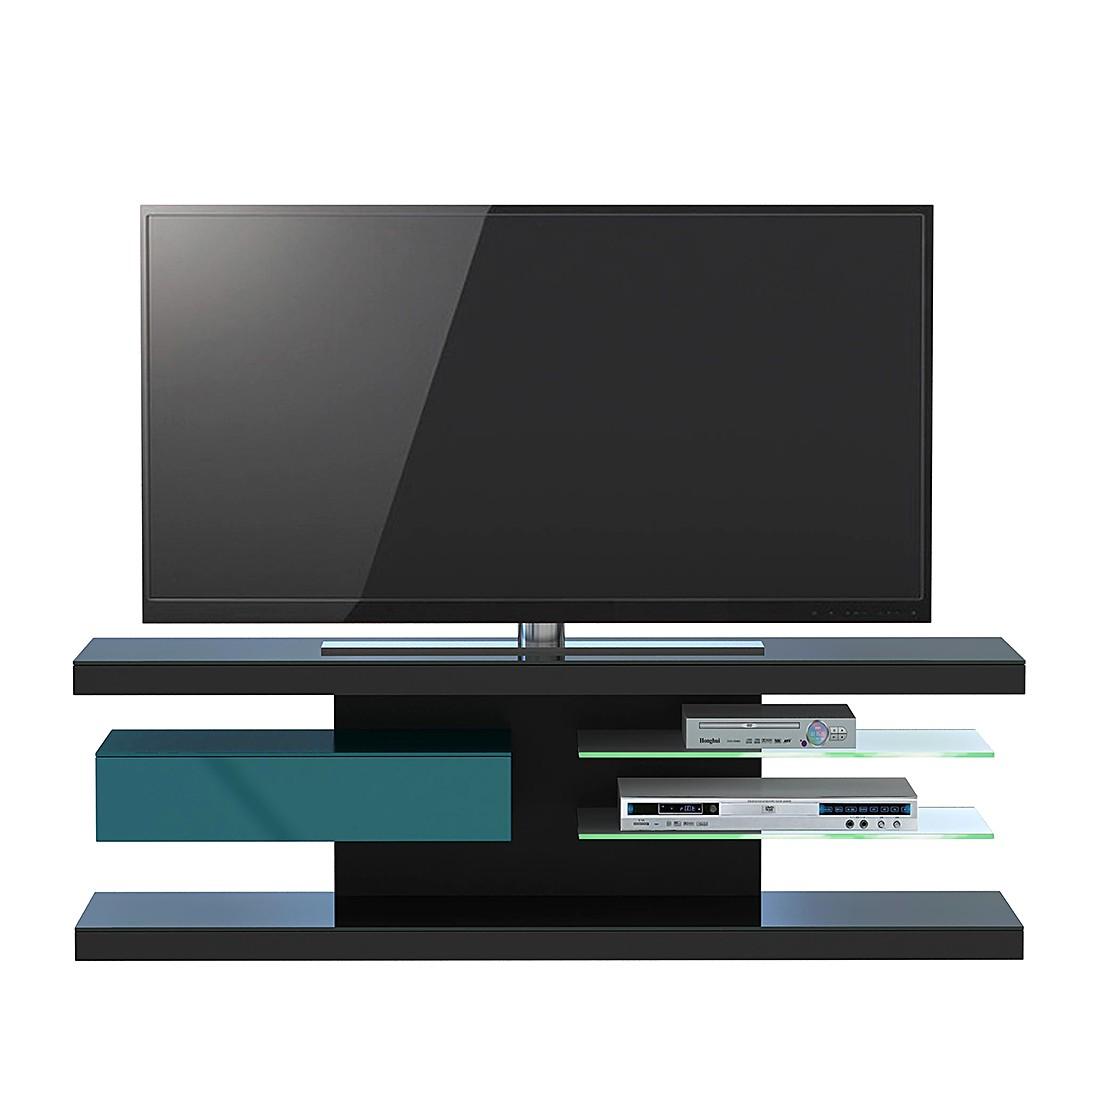 Tv-rek SL 660 - incl. verlichting - Zwart/petrolblauw, Jahnke